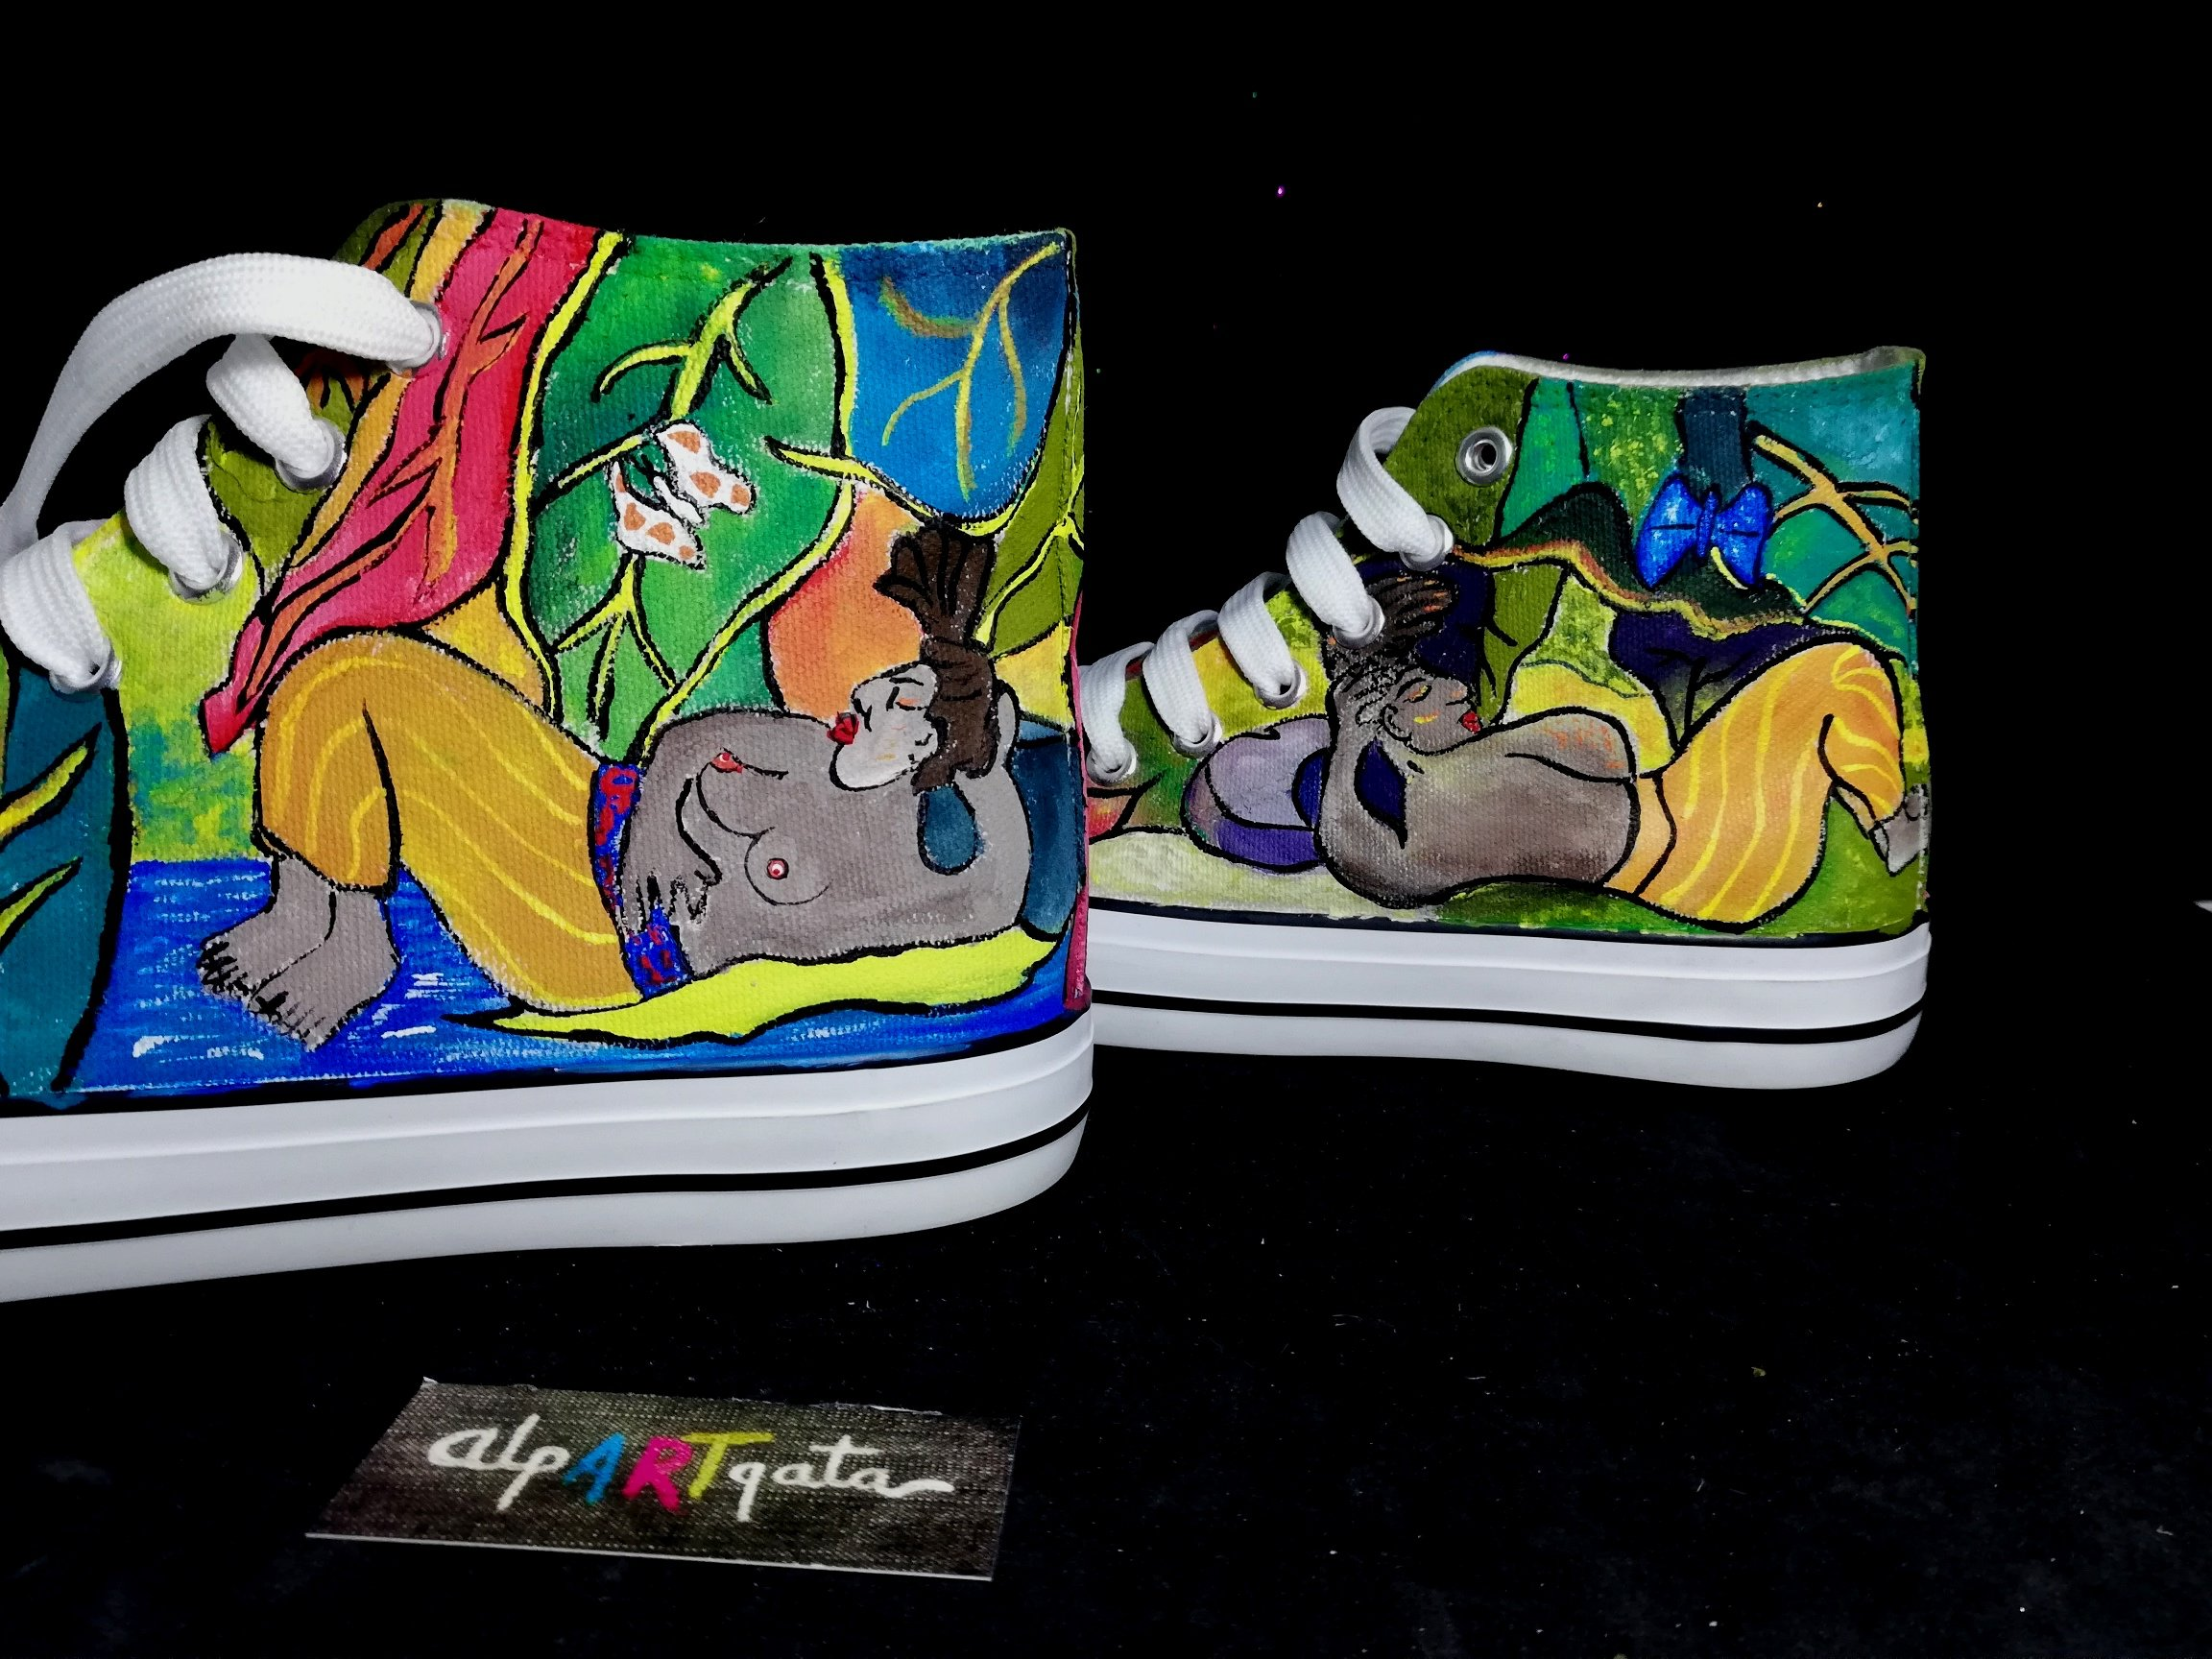 wpid-zapatillas-personalizadas-pintadas-alpartgata-diego-rivera-148756955007807191803..jpg